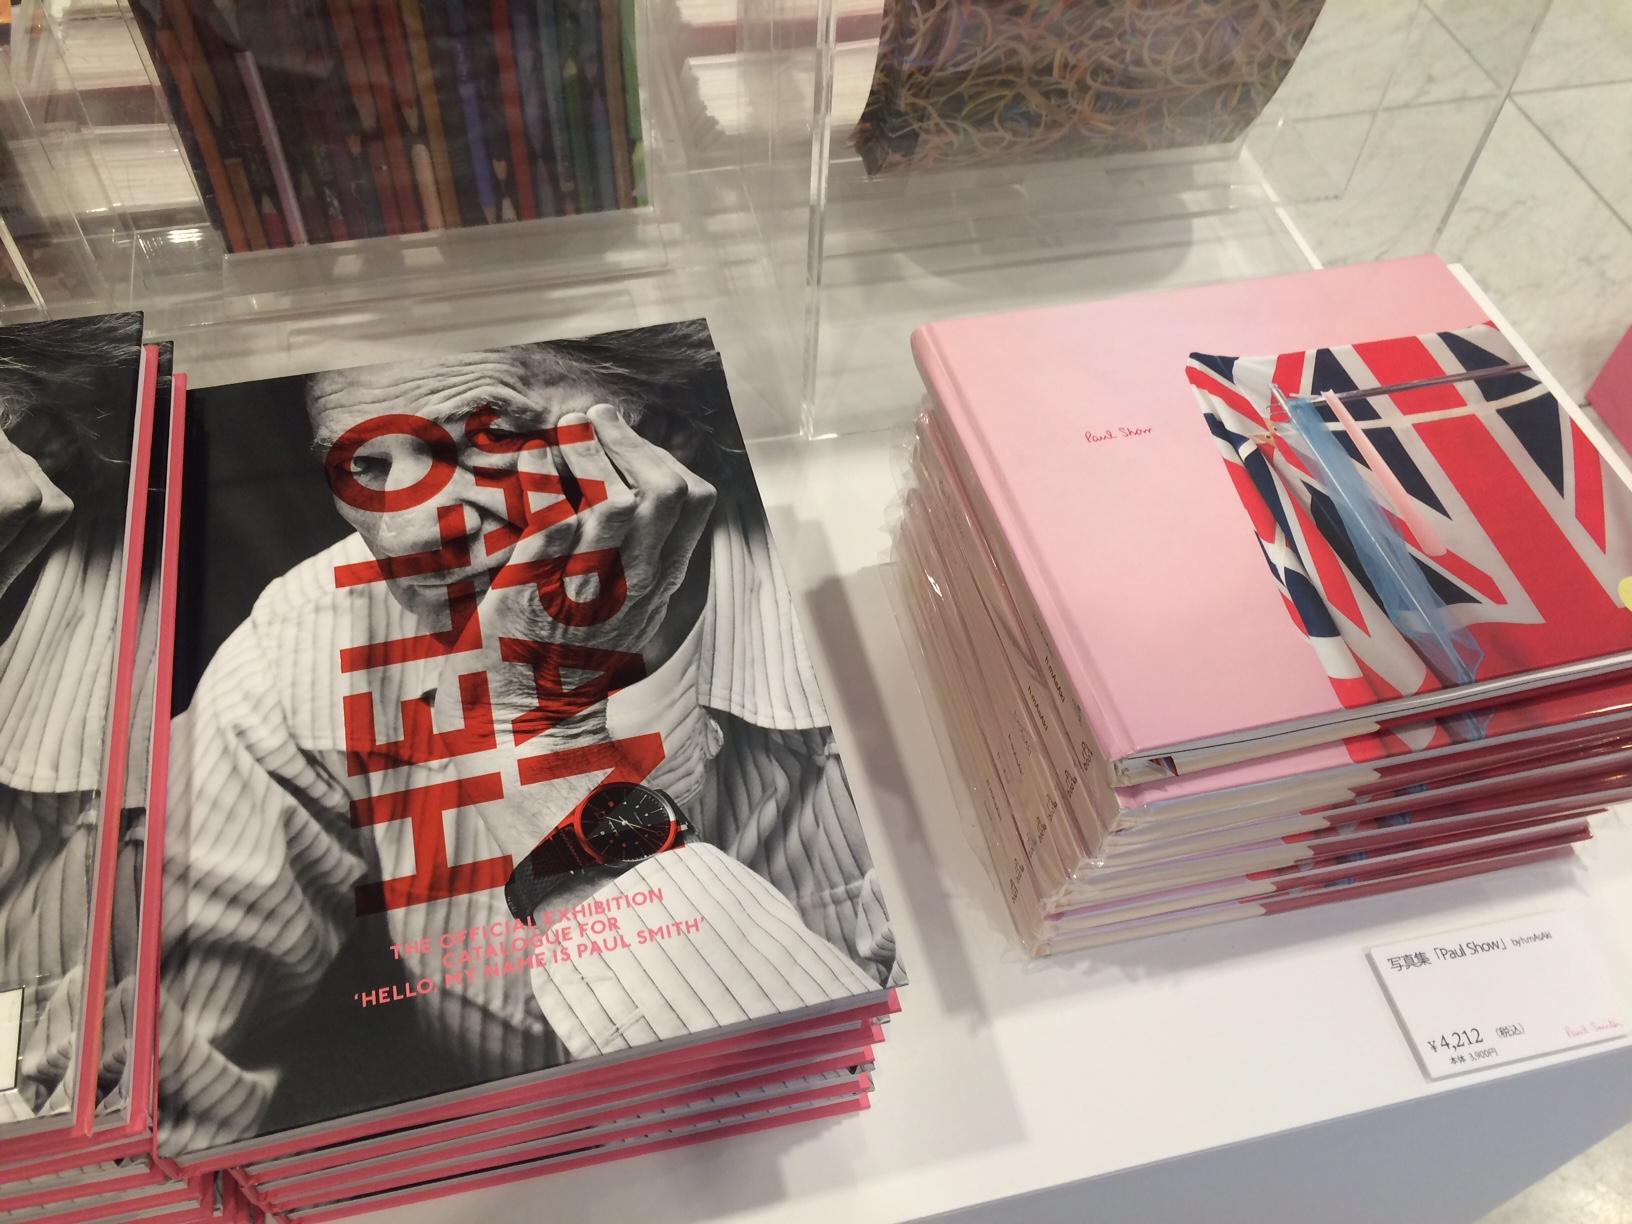 カラフルな作品と展示に心躍る!「ポール・スミス展」 in 名古屋体験レポート - IMG 7958